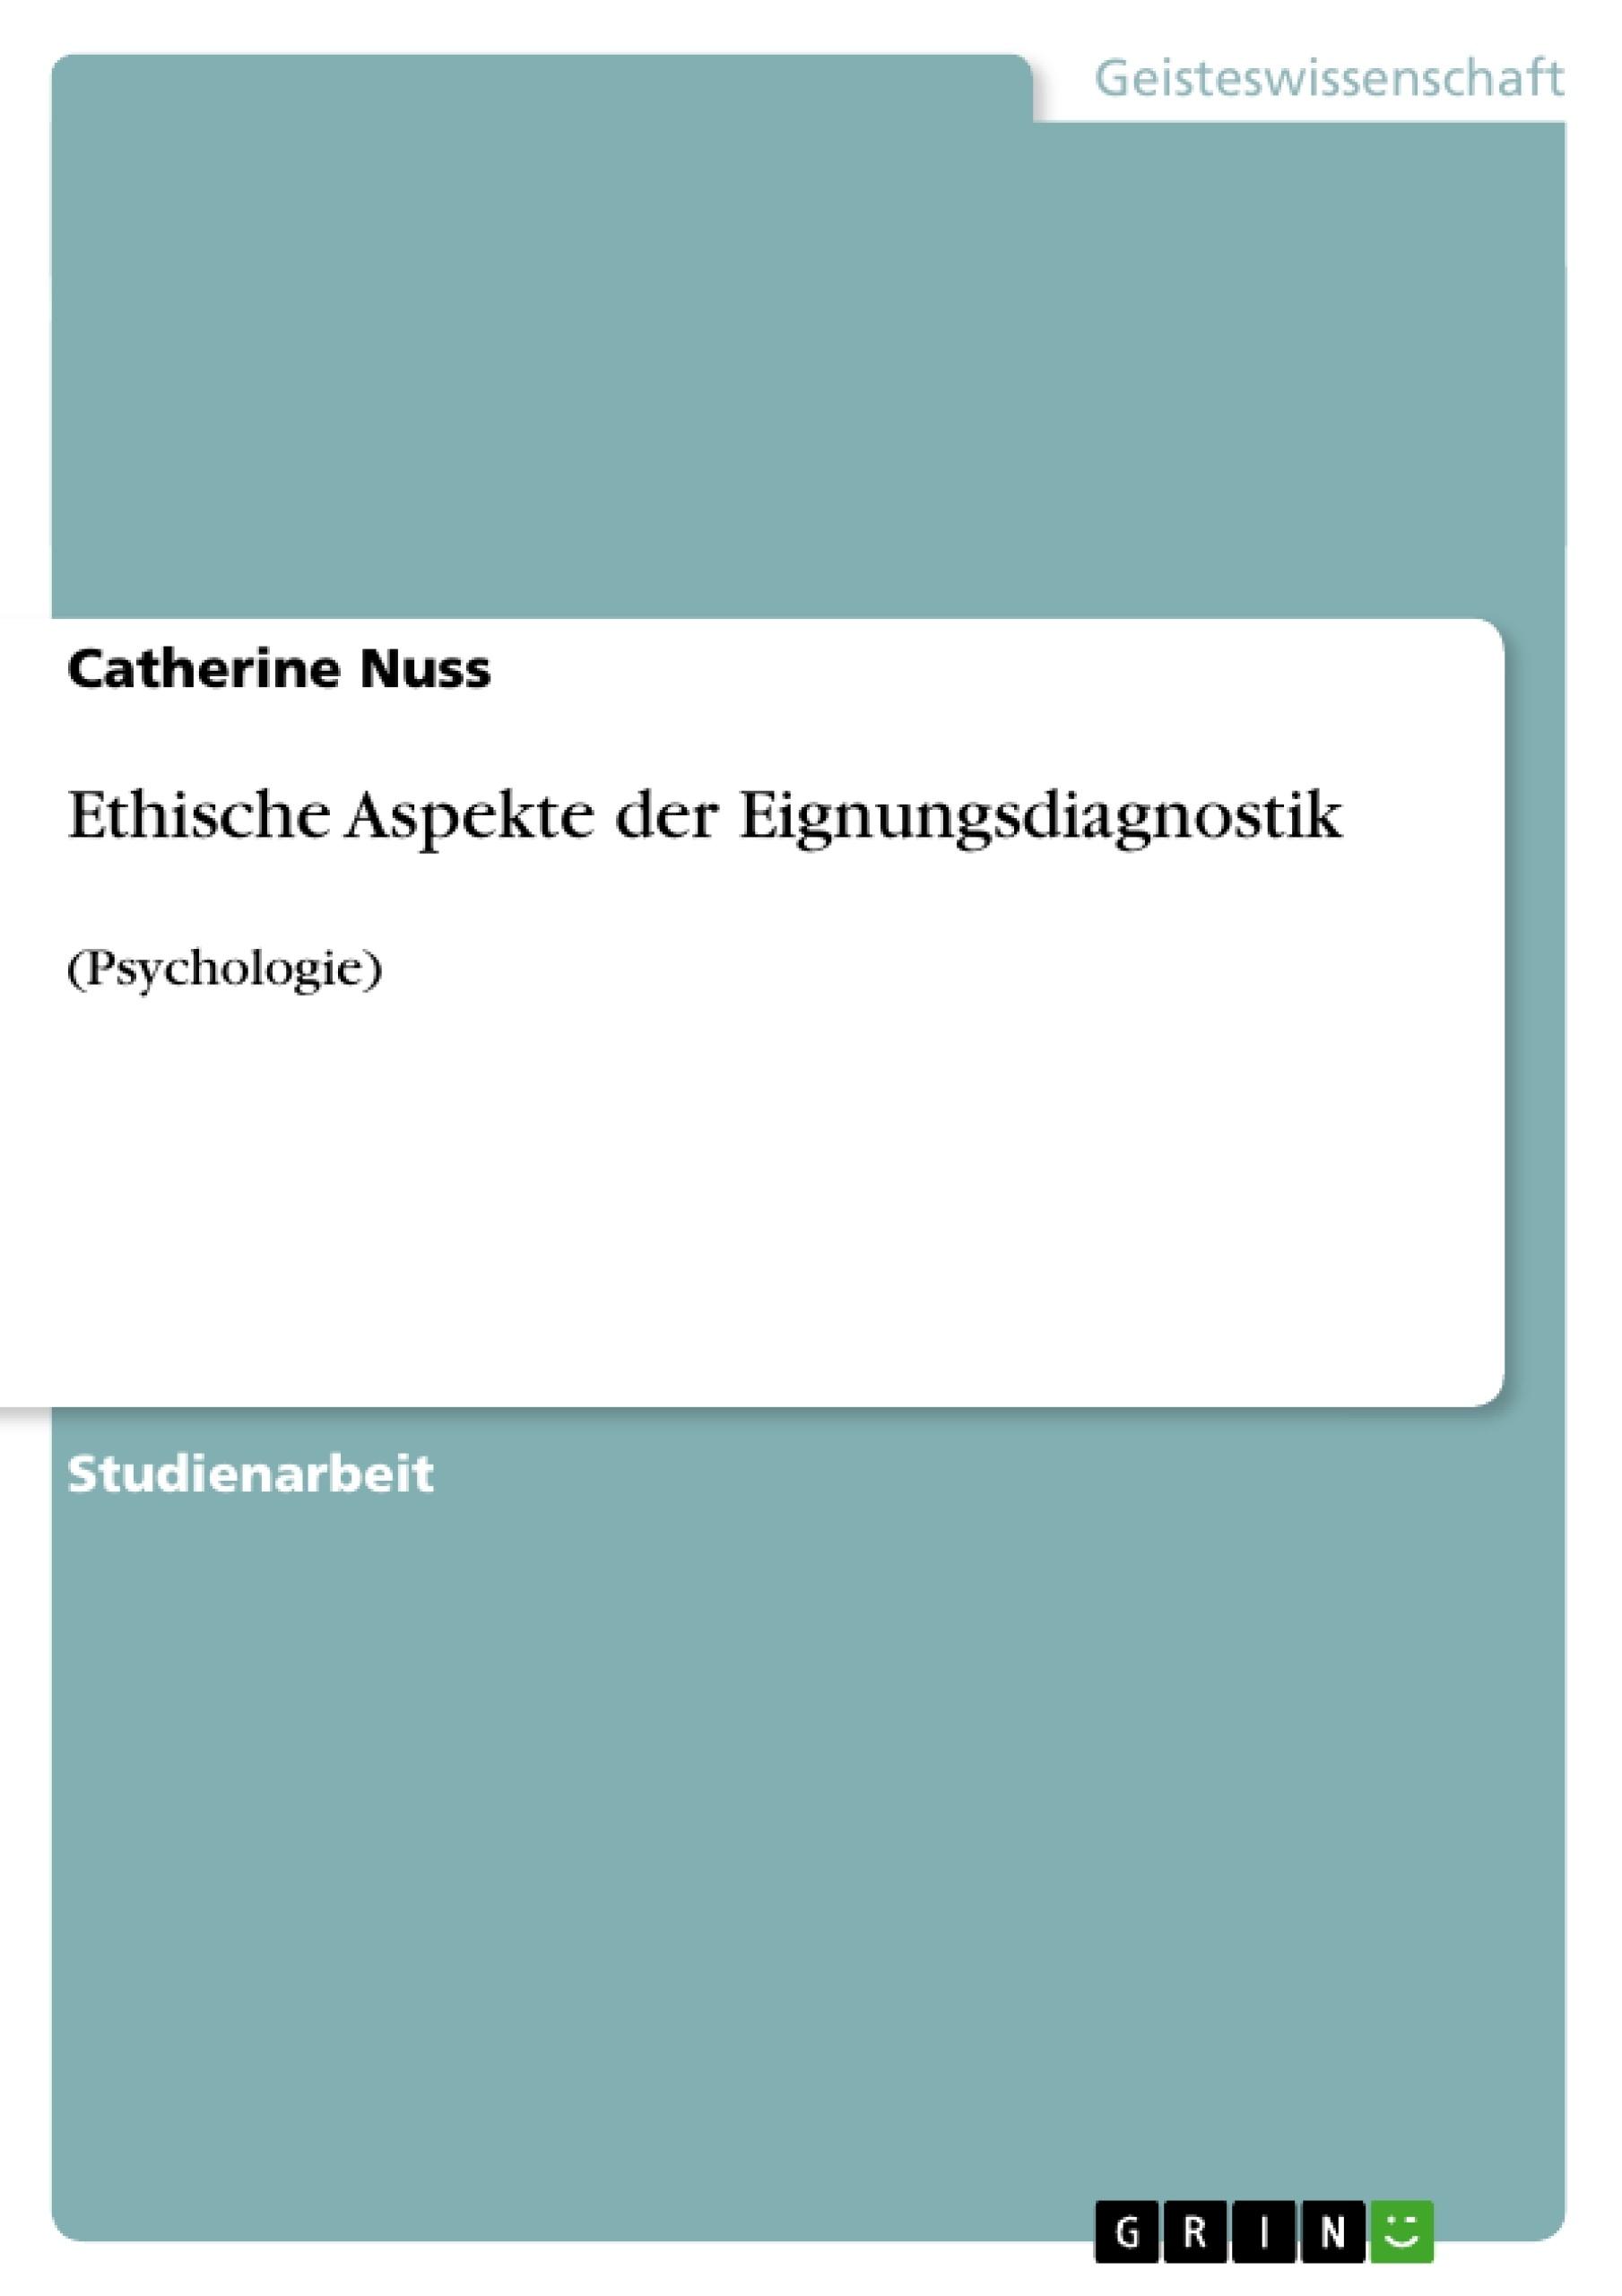 Titel: Ethische Aspekte der Eignungsdiagnostik